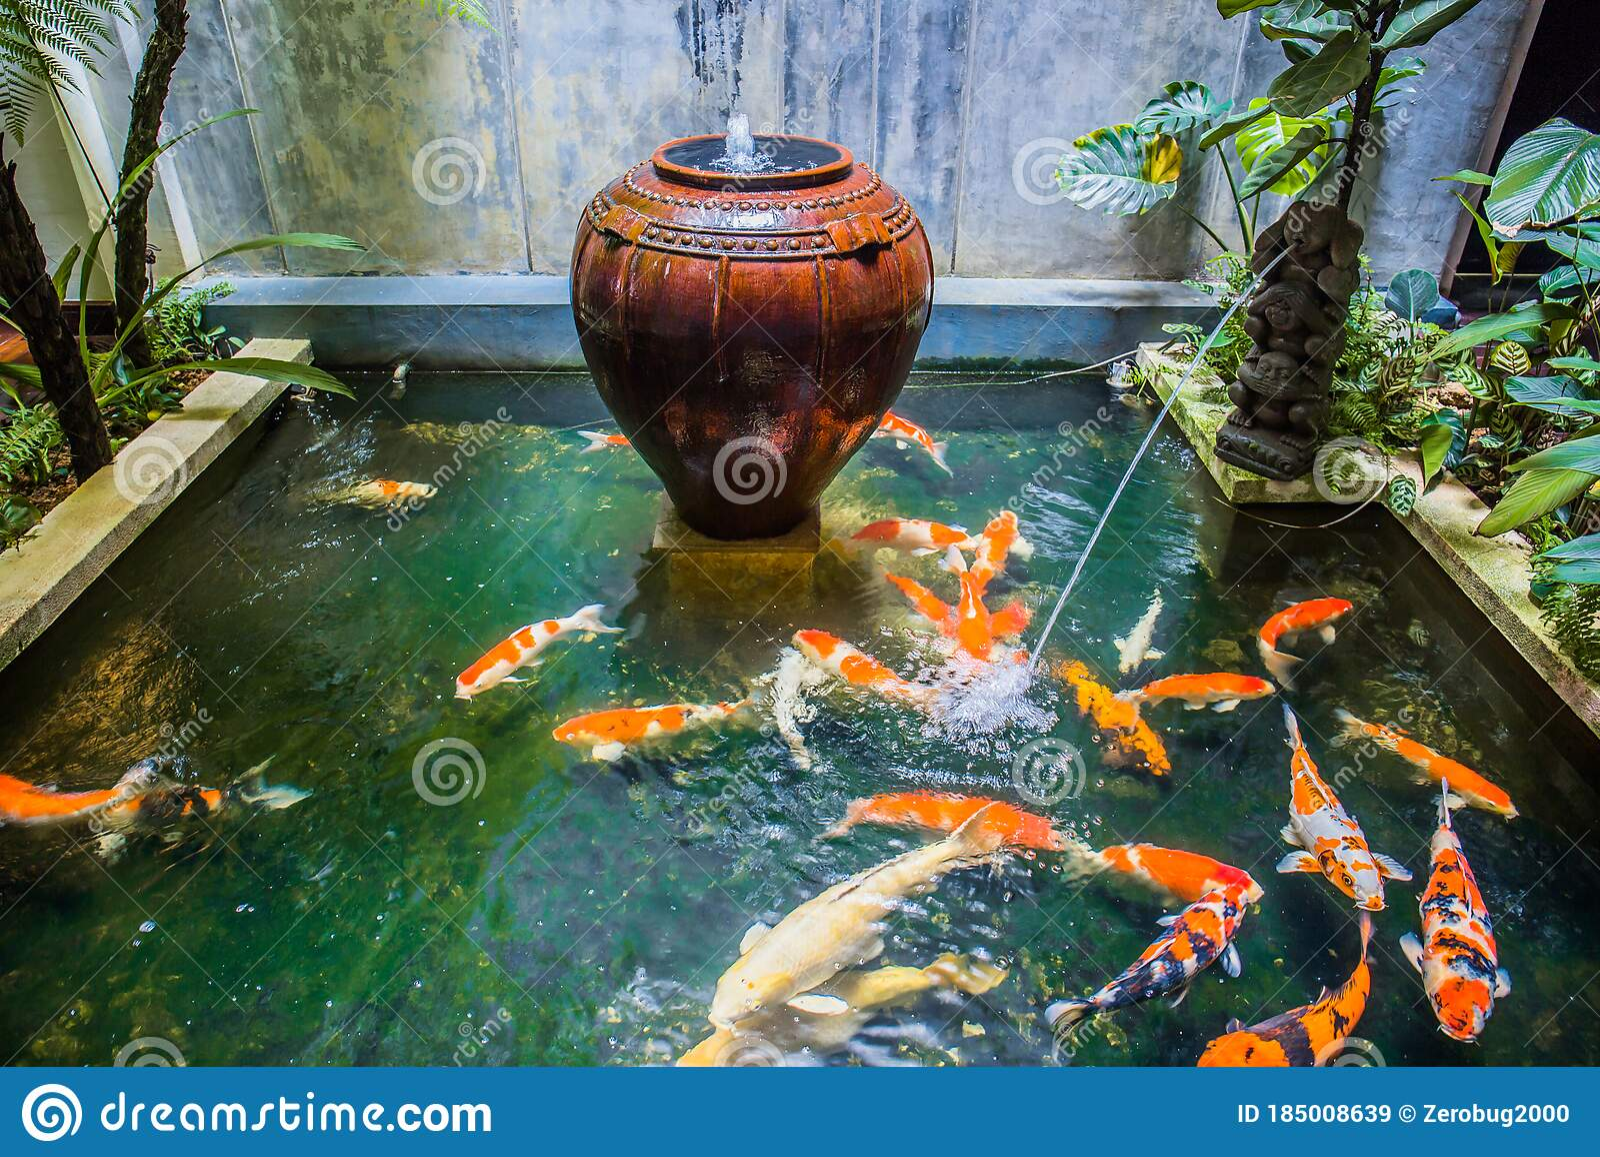 Fish Pond Stock Image Image Of Water Melaka Pond 185008639